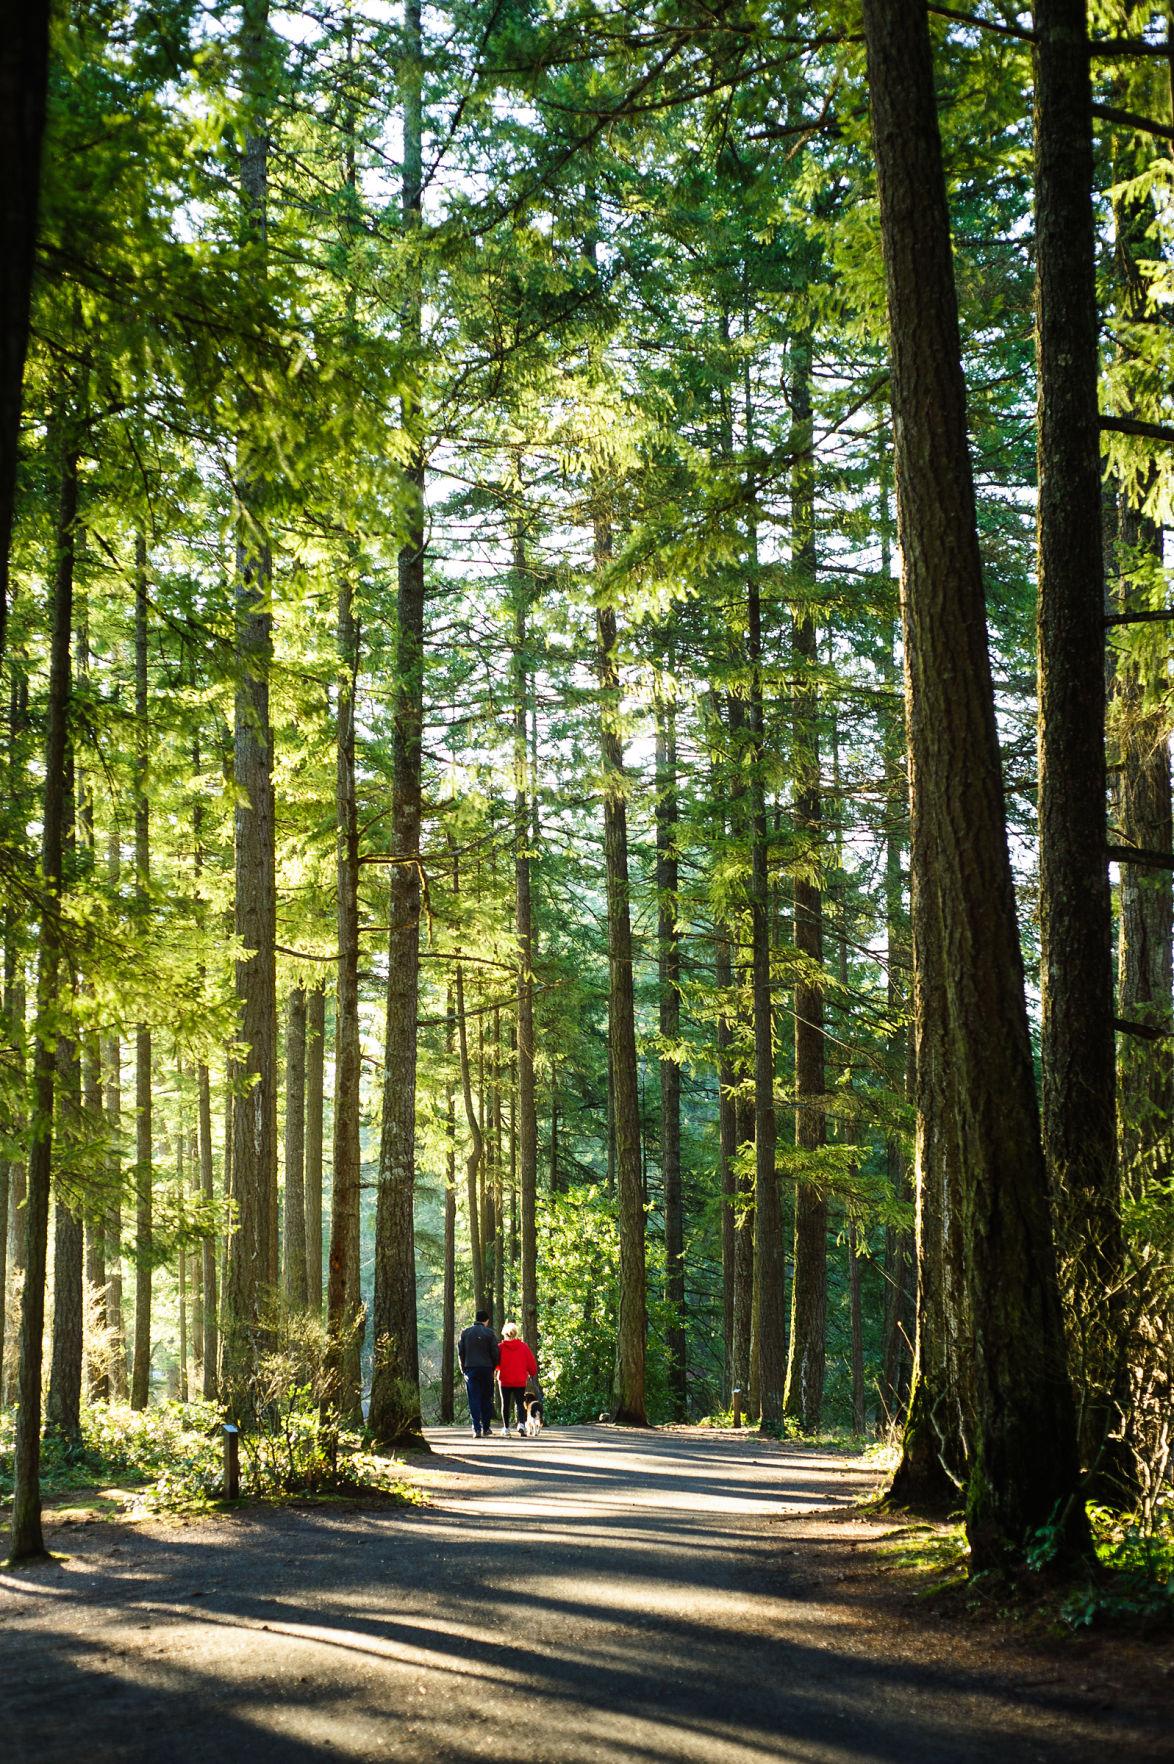 Woods walk